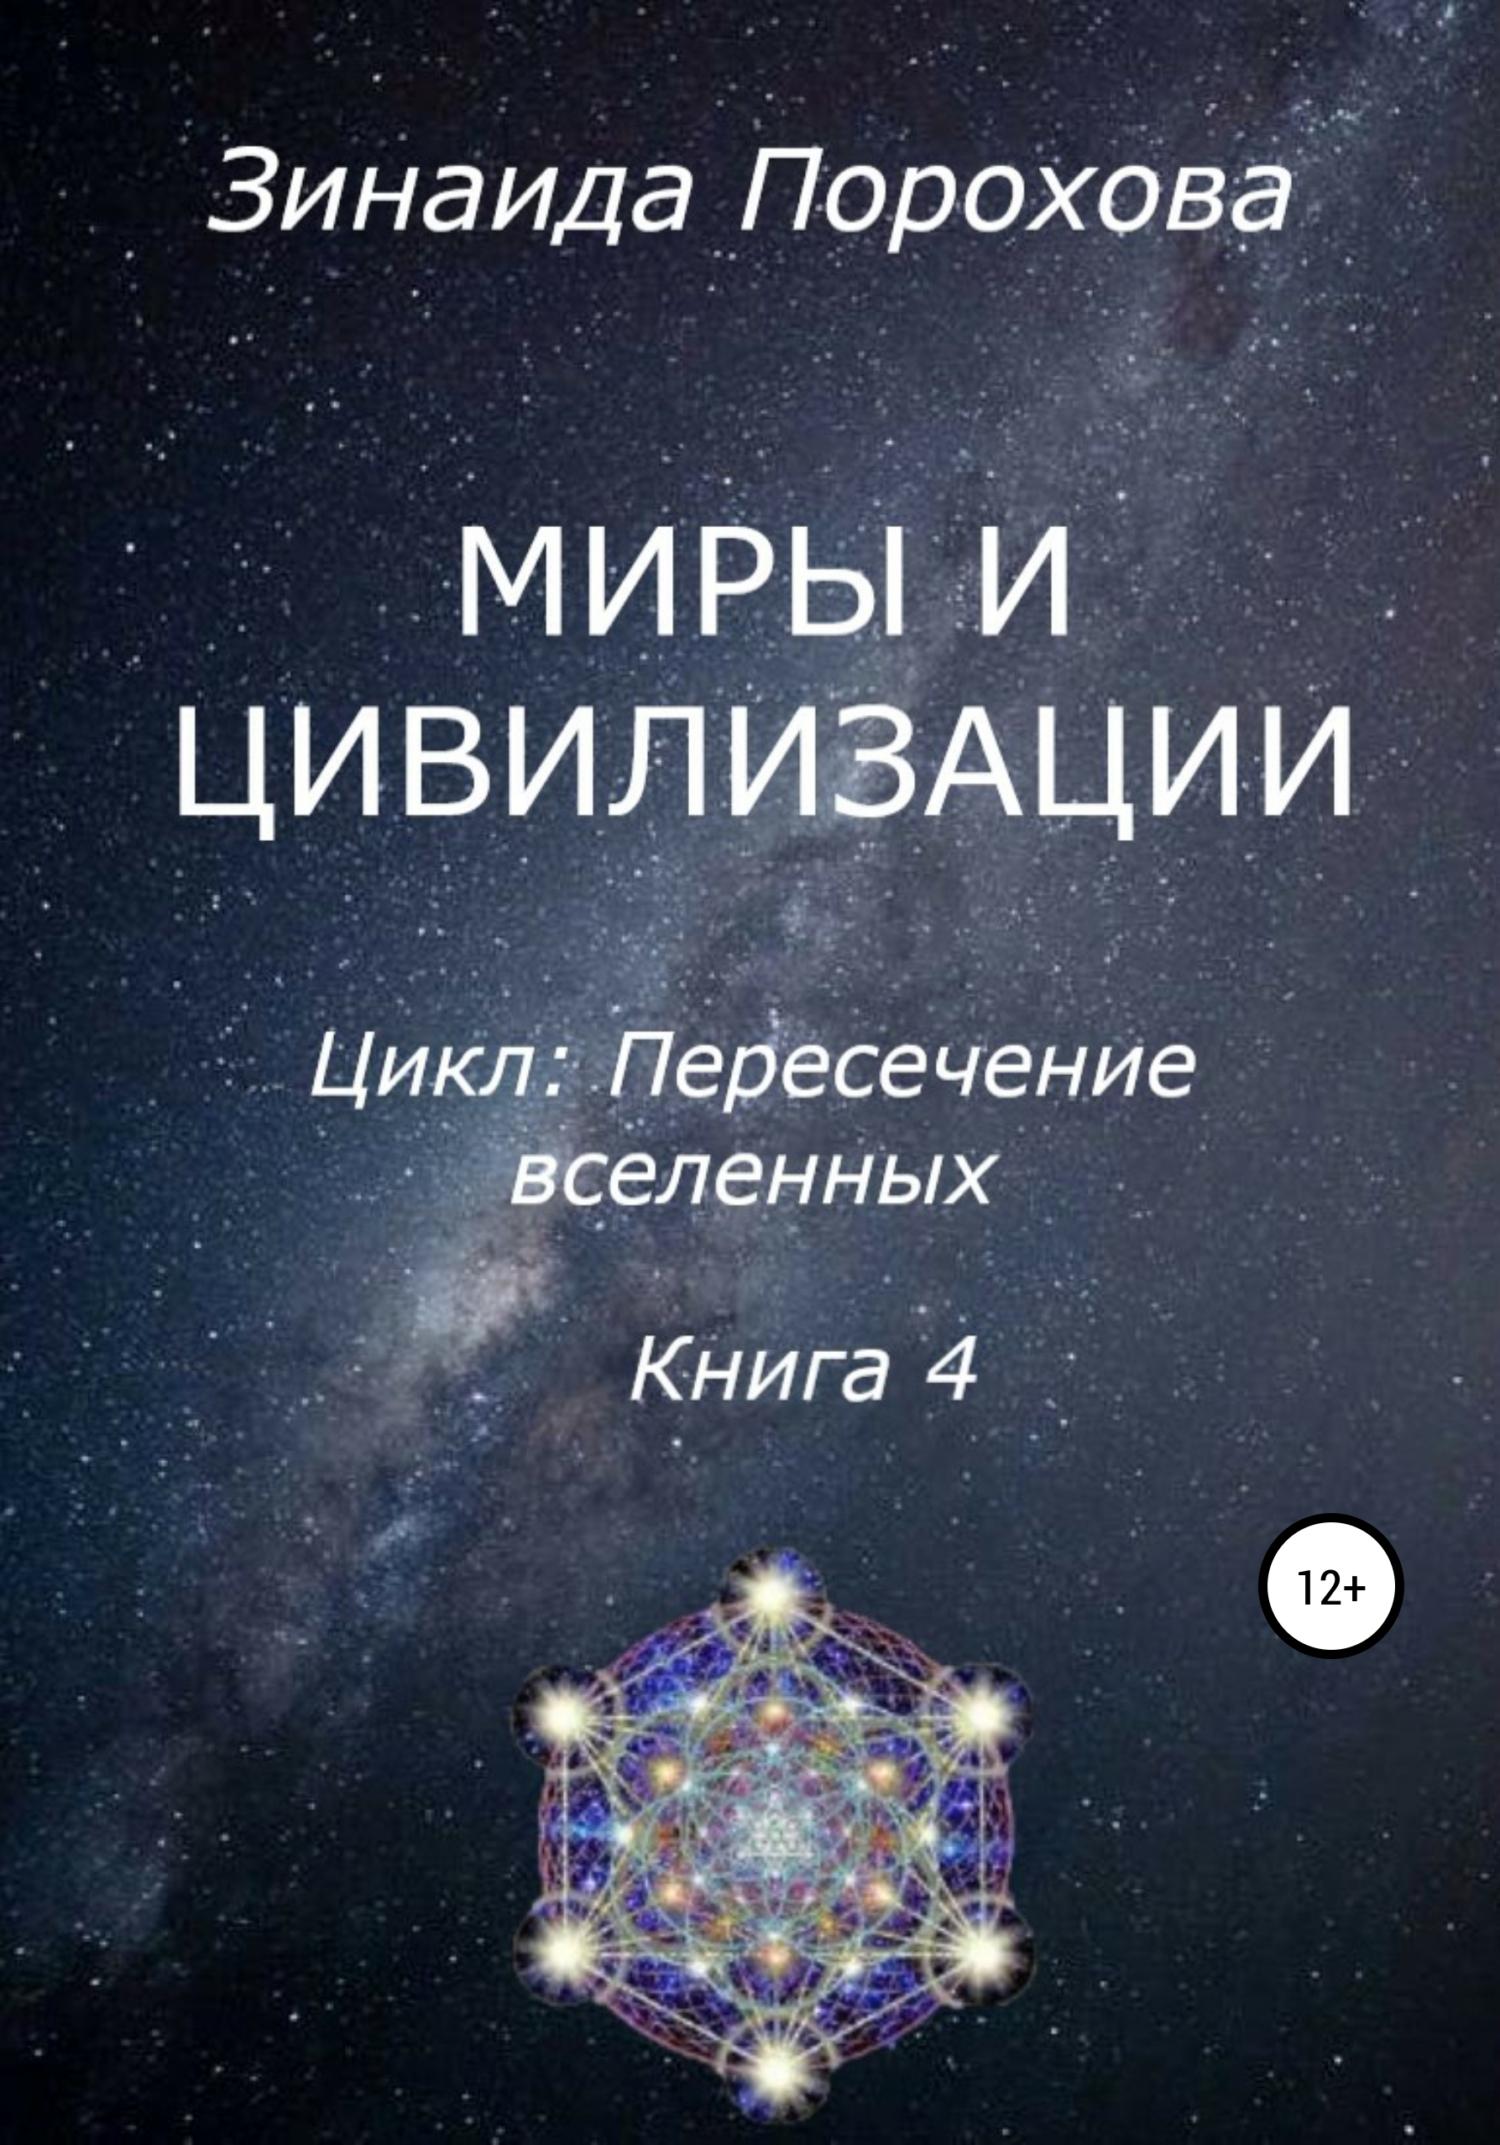 Зинаида Порохова Пересечение вселенных. Книга 4. Миры и цивилизации макфолл к нарушители